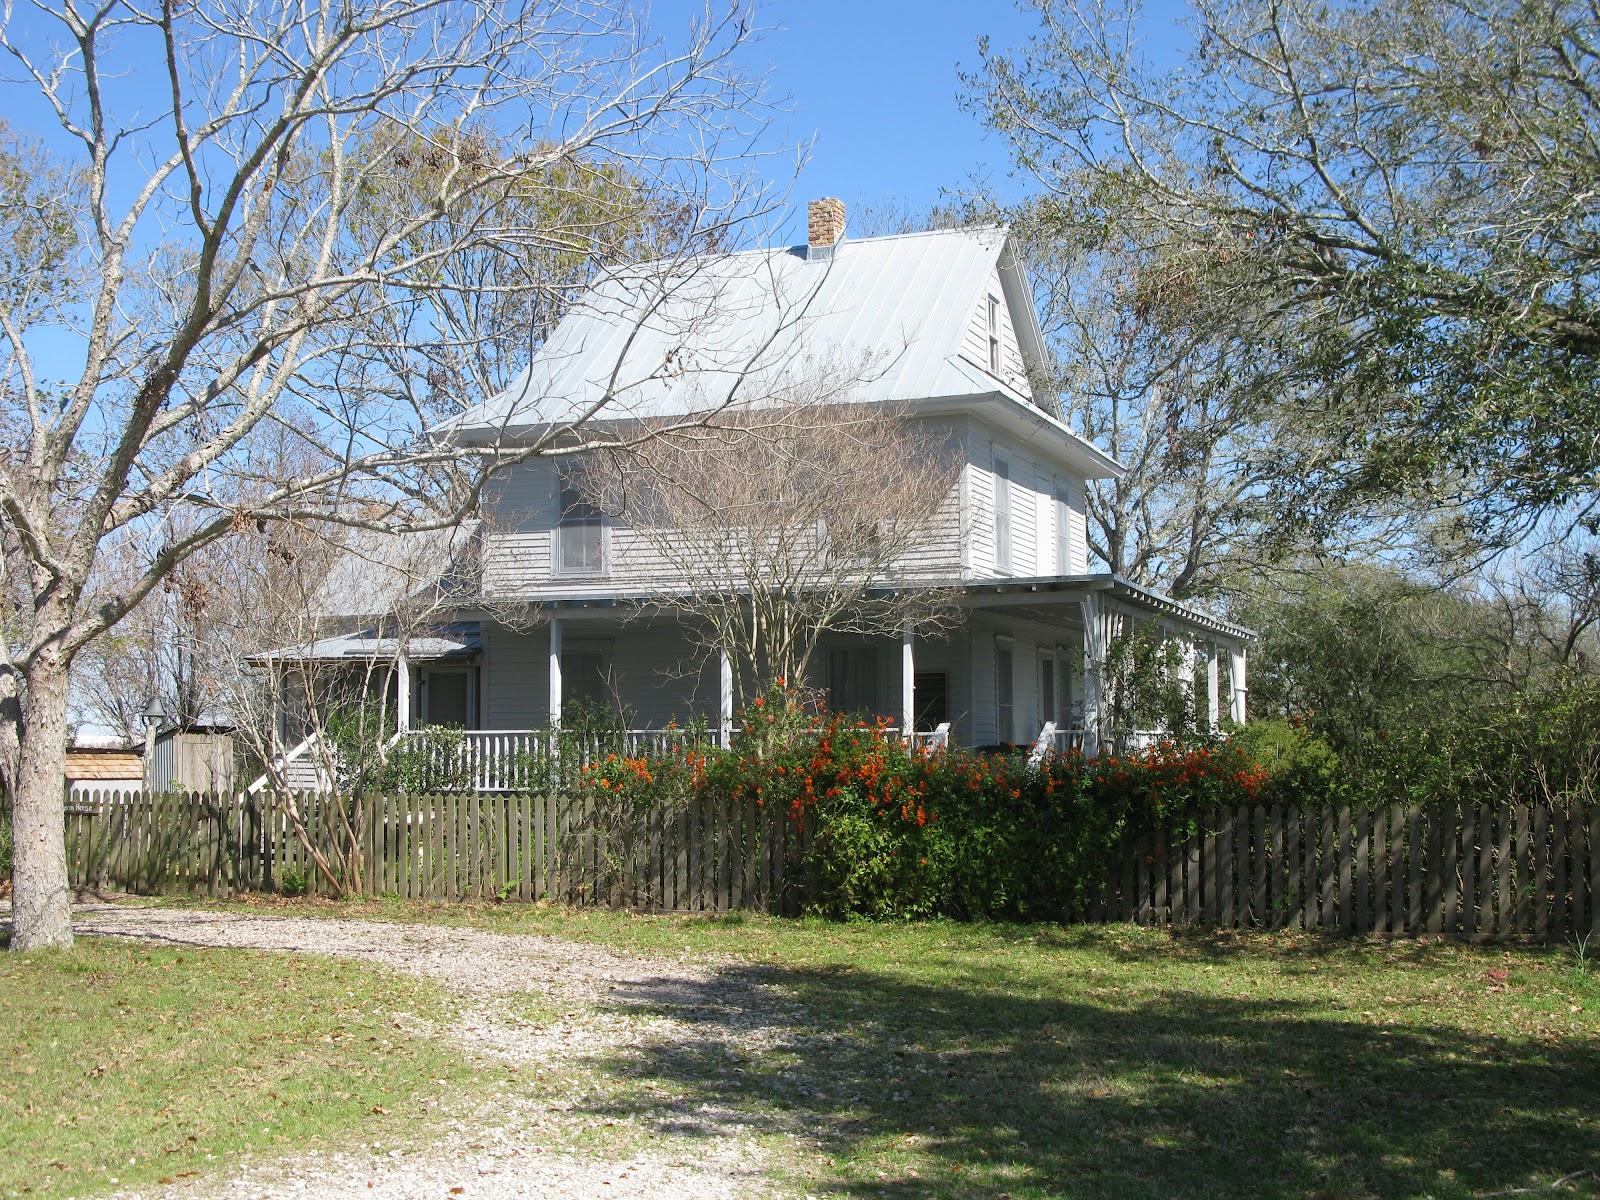 The Martyn Farmhouse